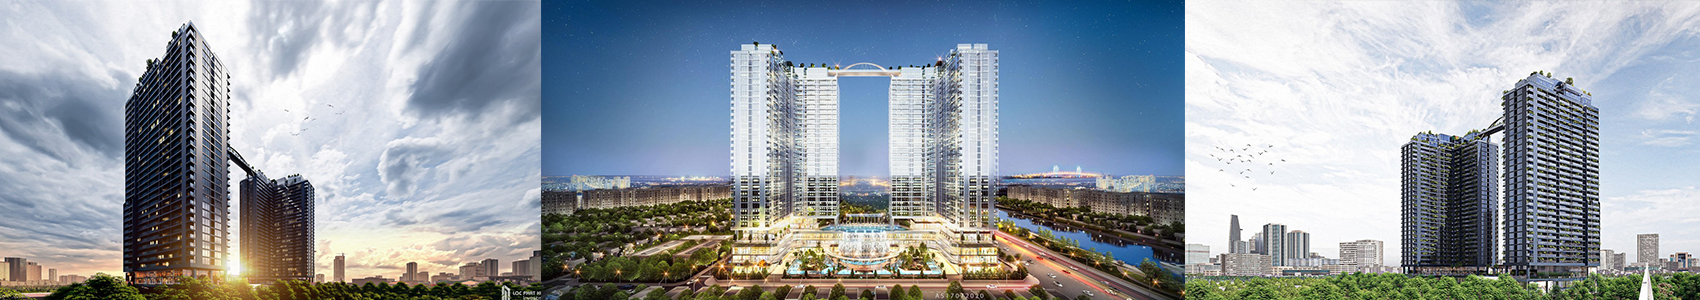 Phối cảnh dự án căn hộ chung cư sunshine horizon quận 4